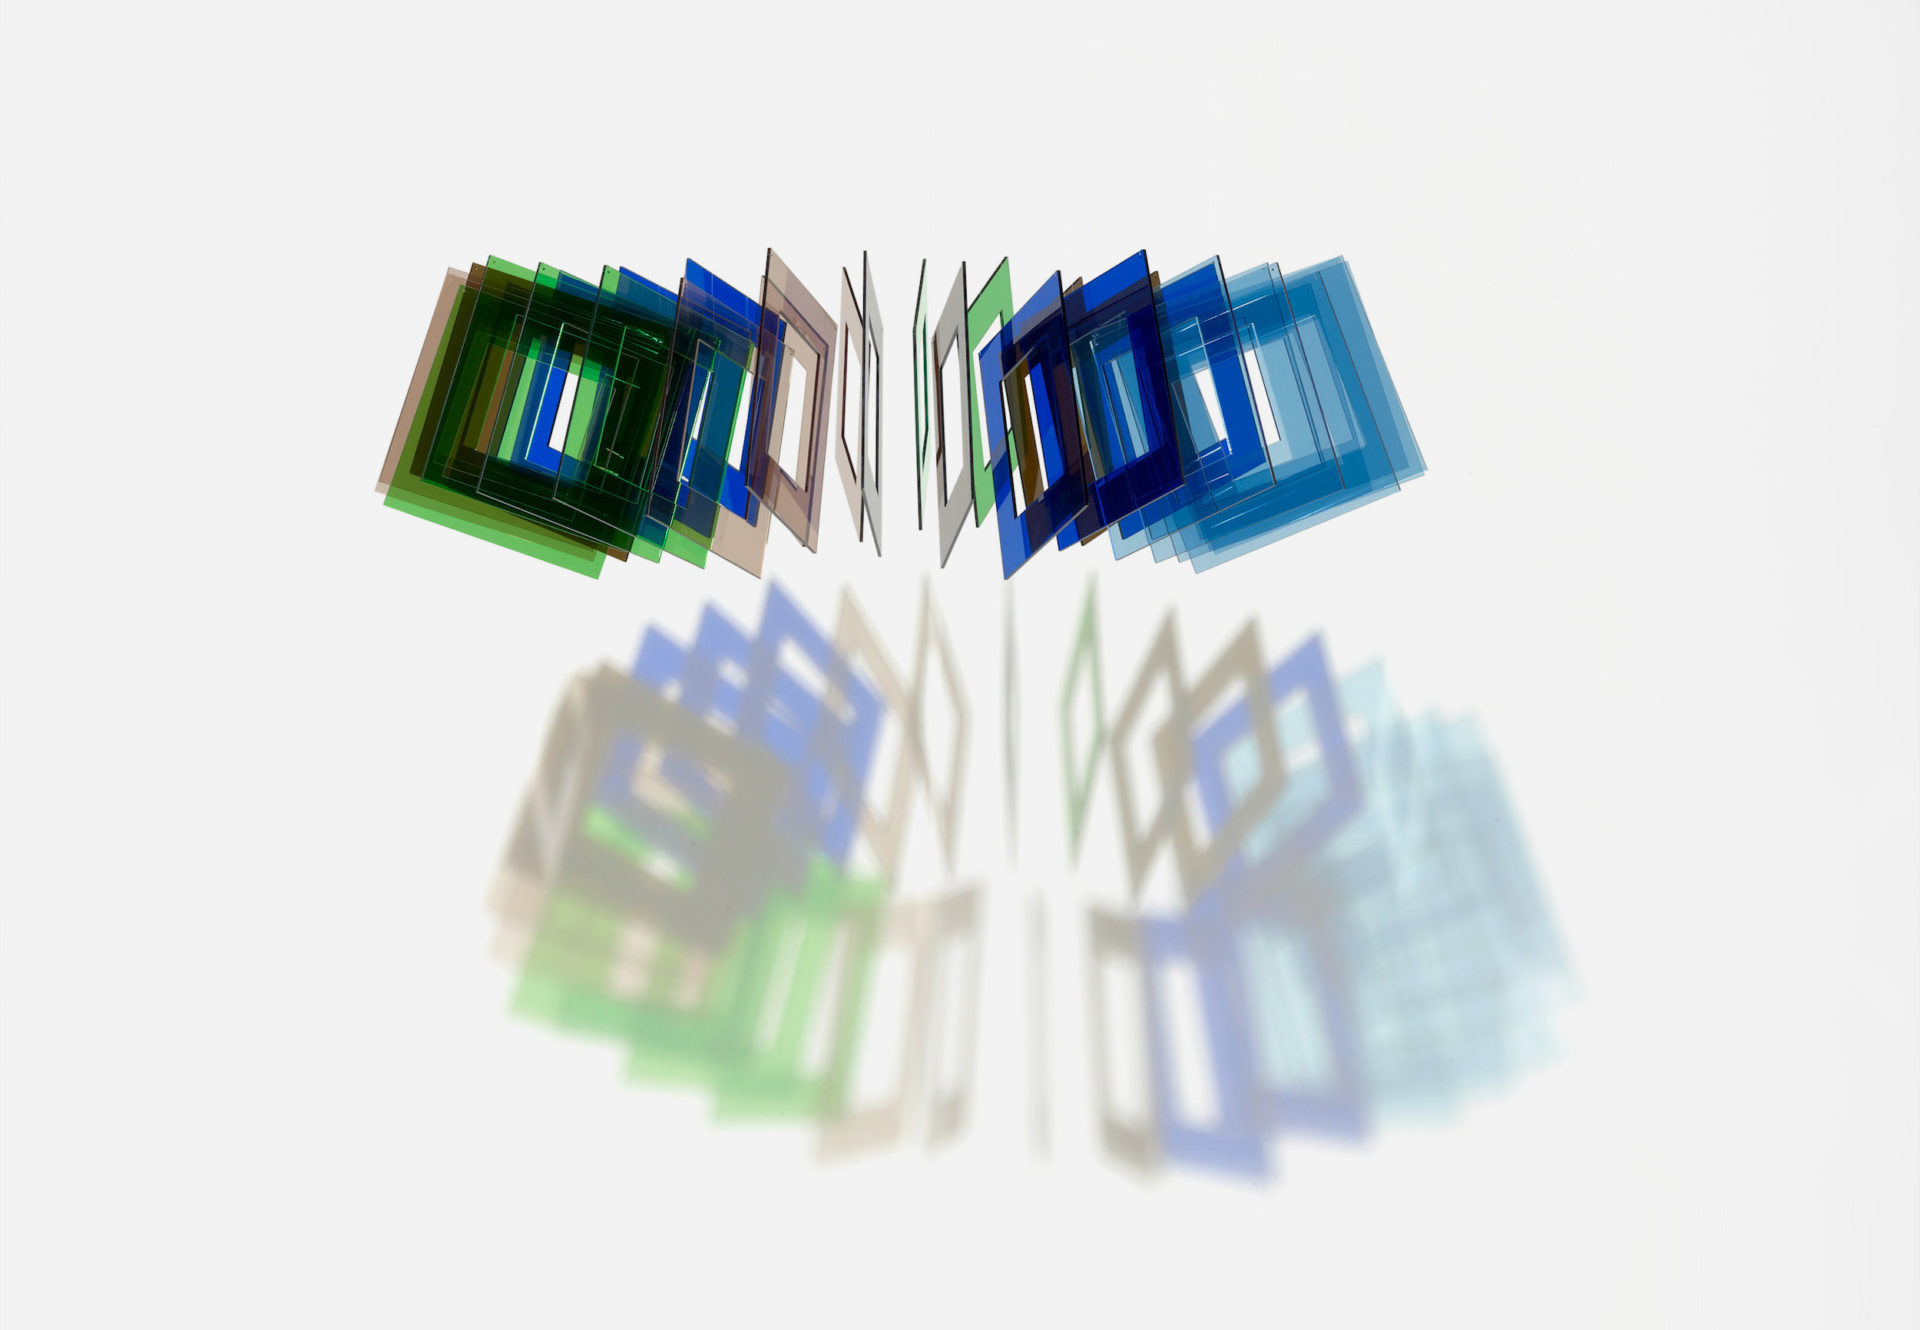 Elias Crespin Tetralineados Circular Policromatico